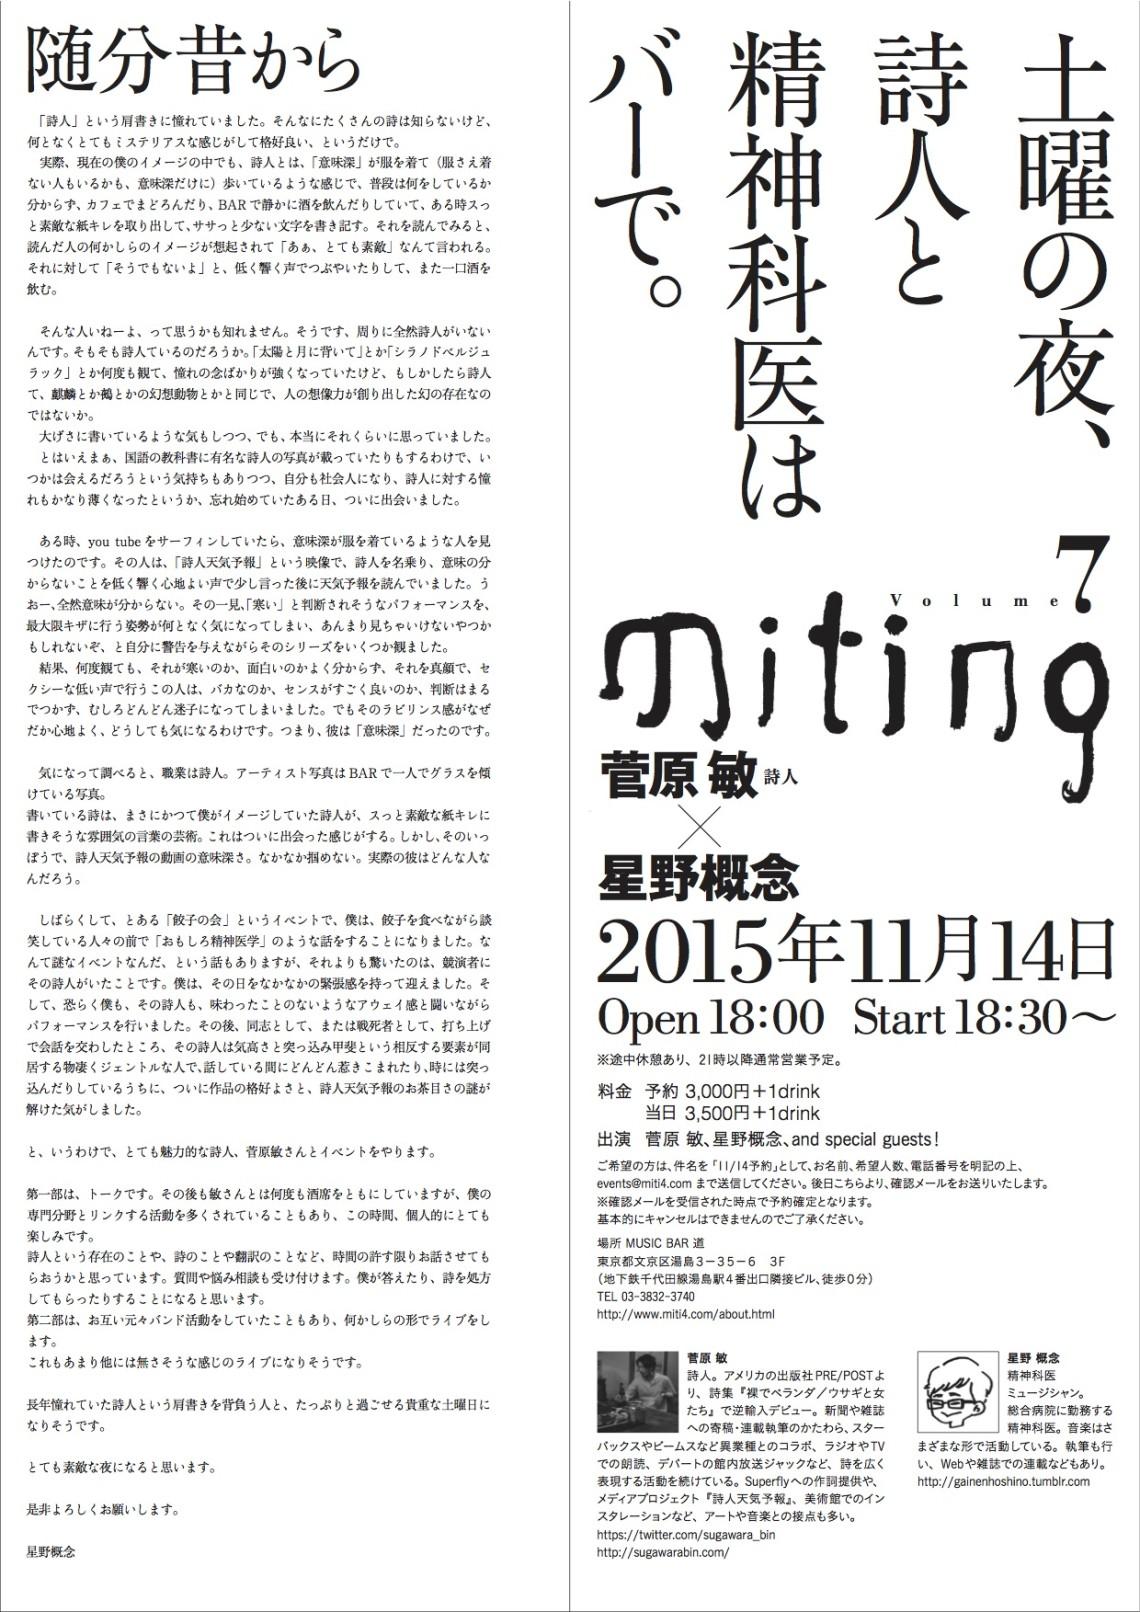 mitting